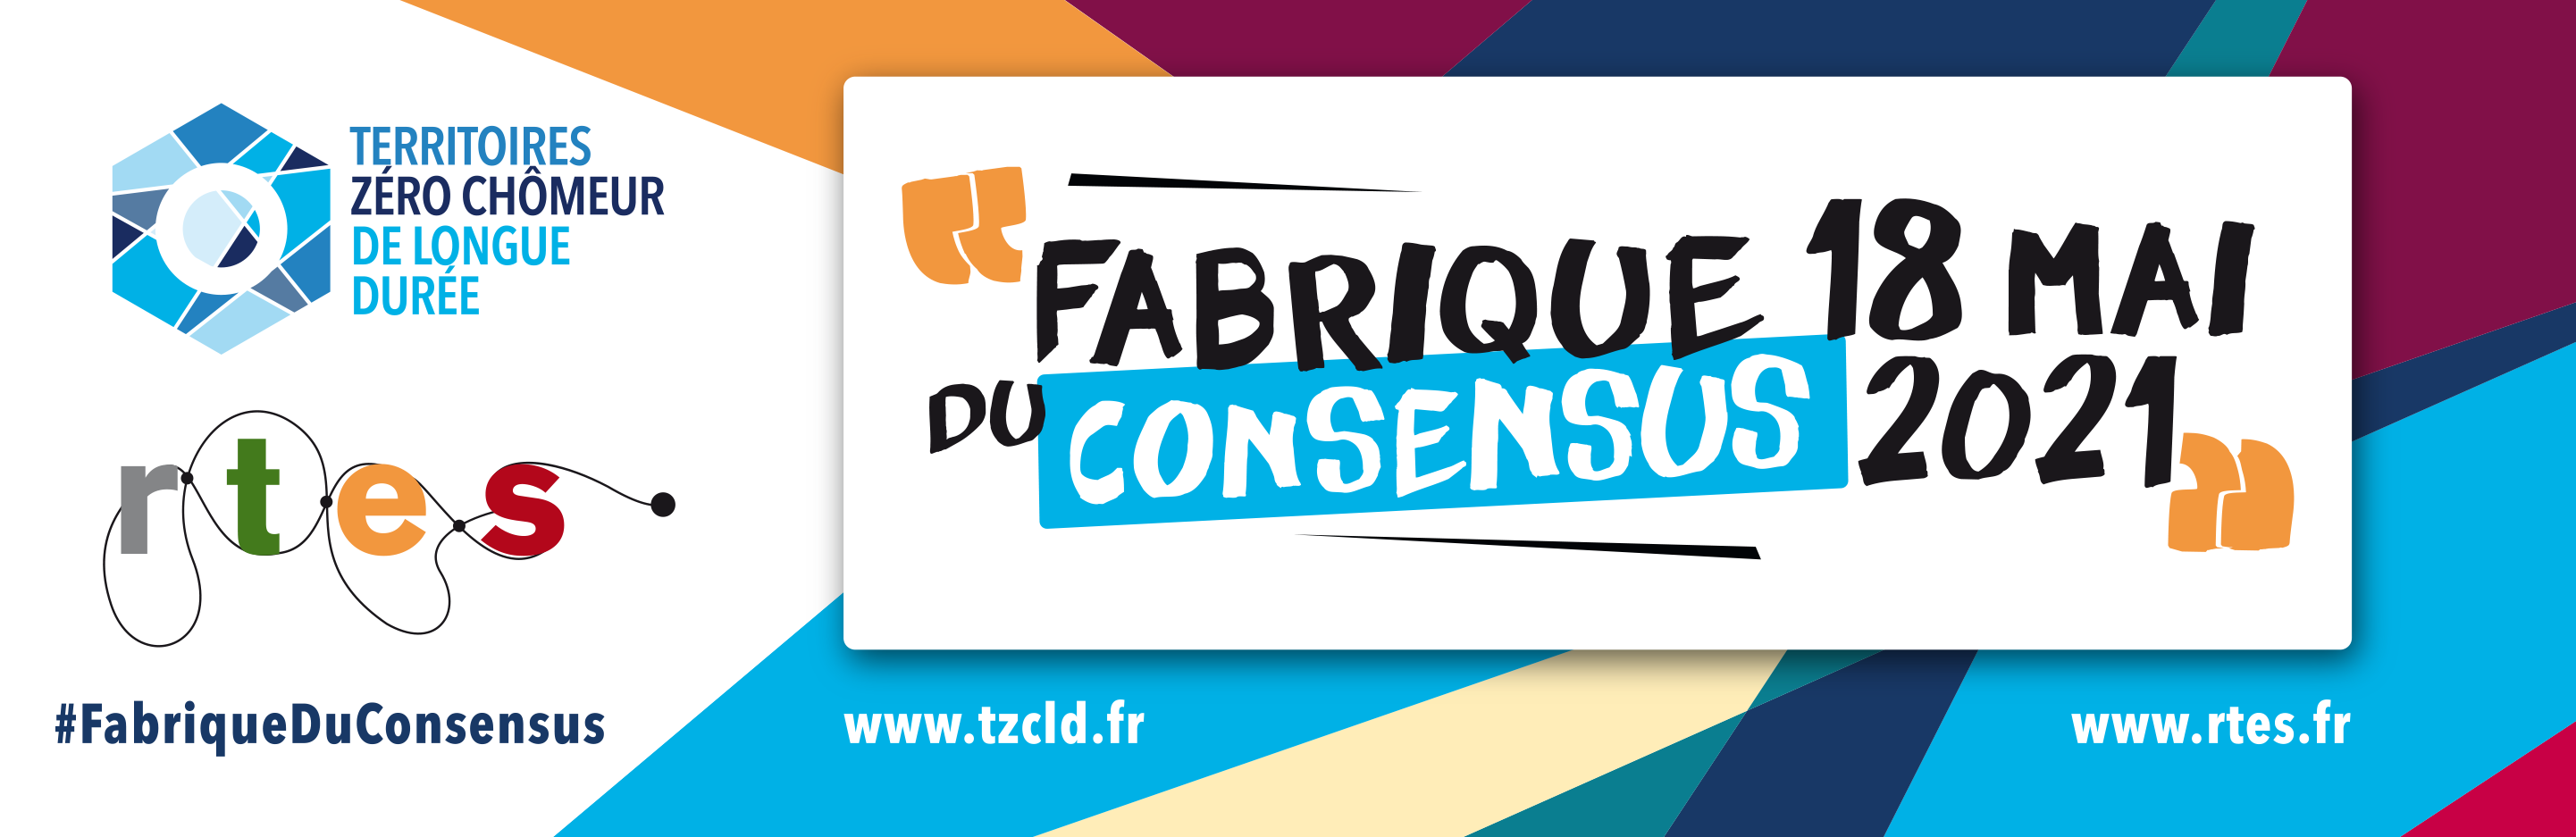 Bandeau Fabrique Consensus RTES